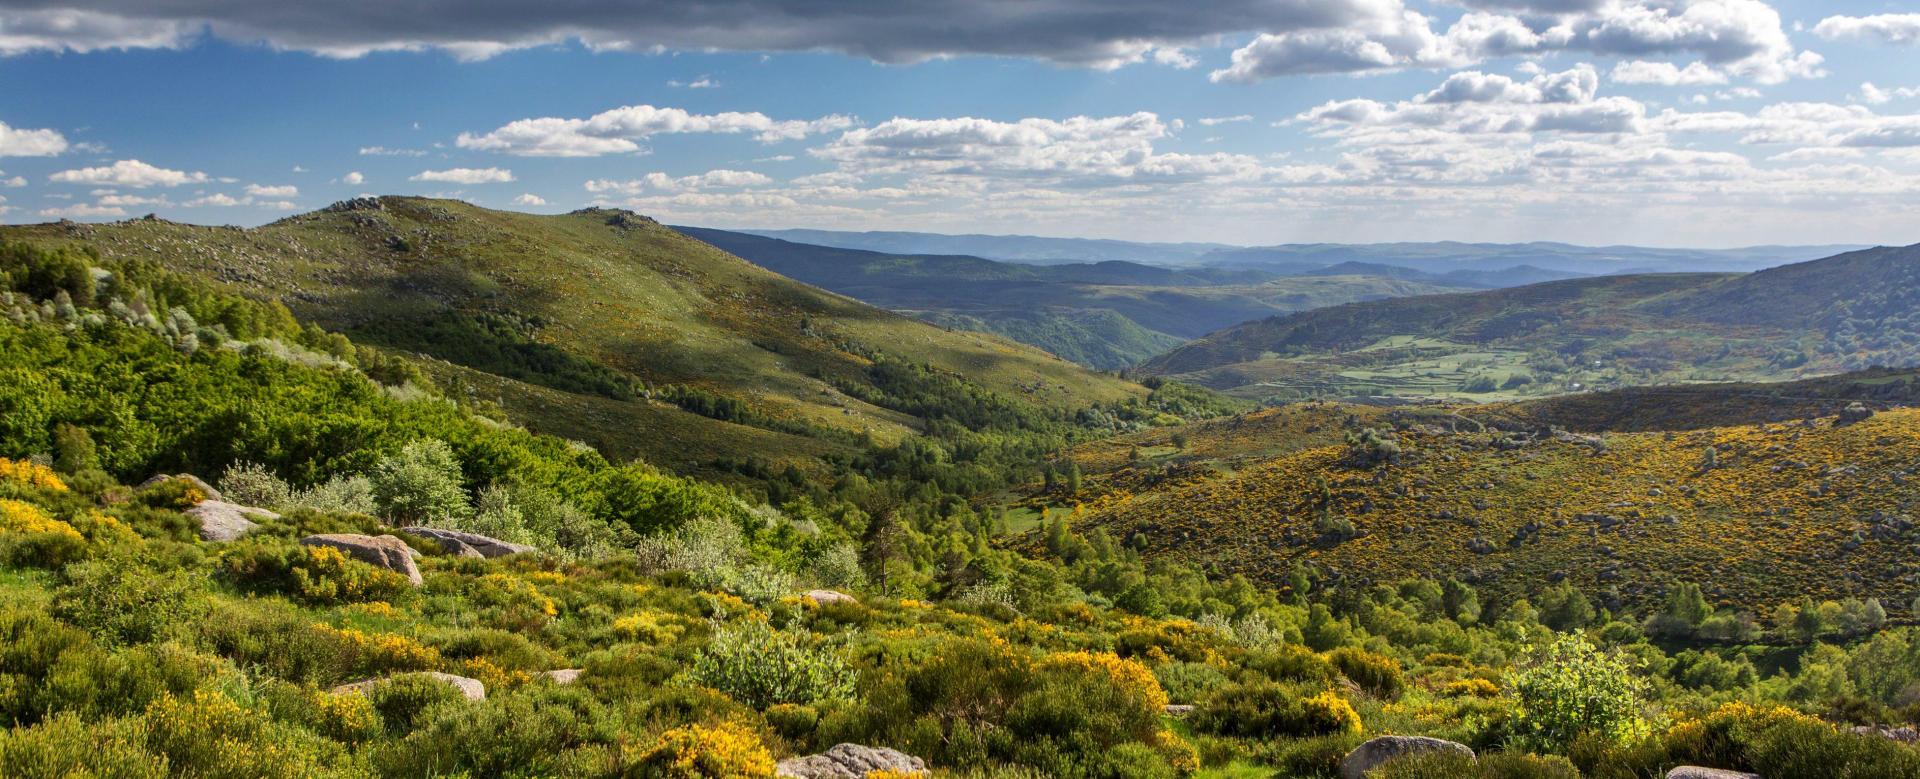 Voyage à pied : Le trail de stevenson